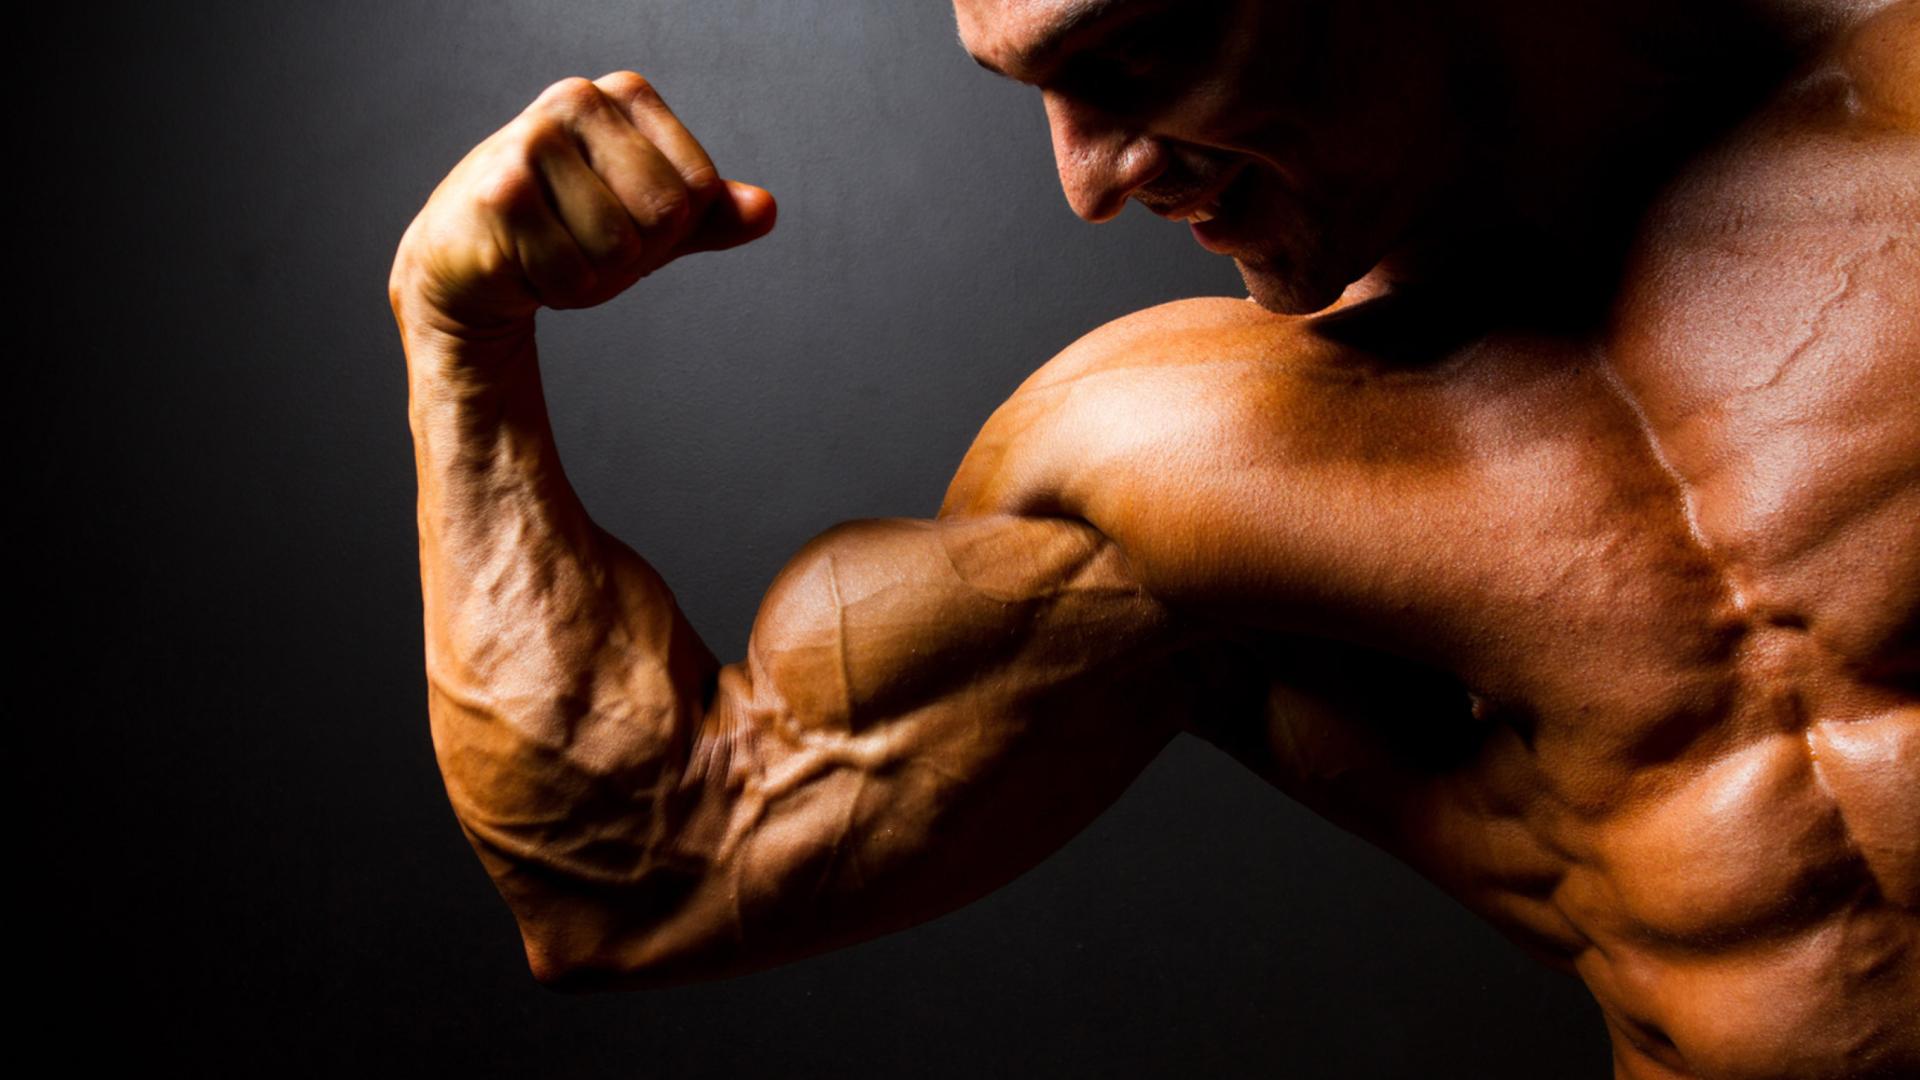 учебе смайлик картинки работы мышц при бодибилдинге различных исполнителей, джеев